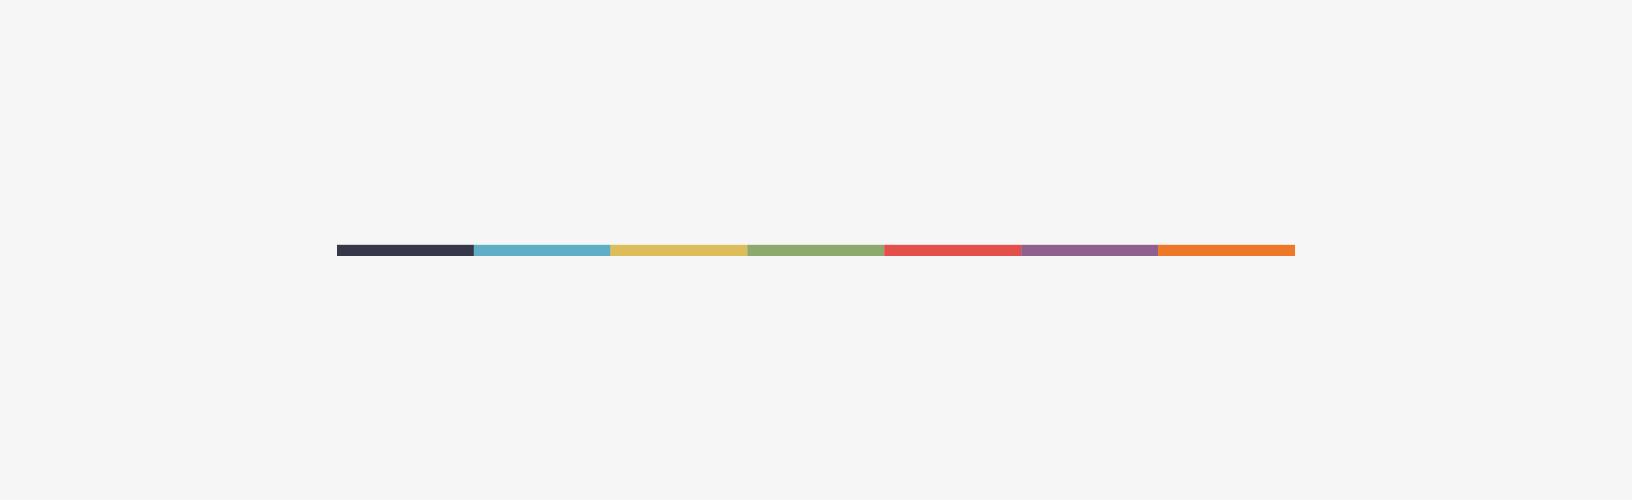 Profile components – UiB's Brand guide